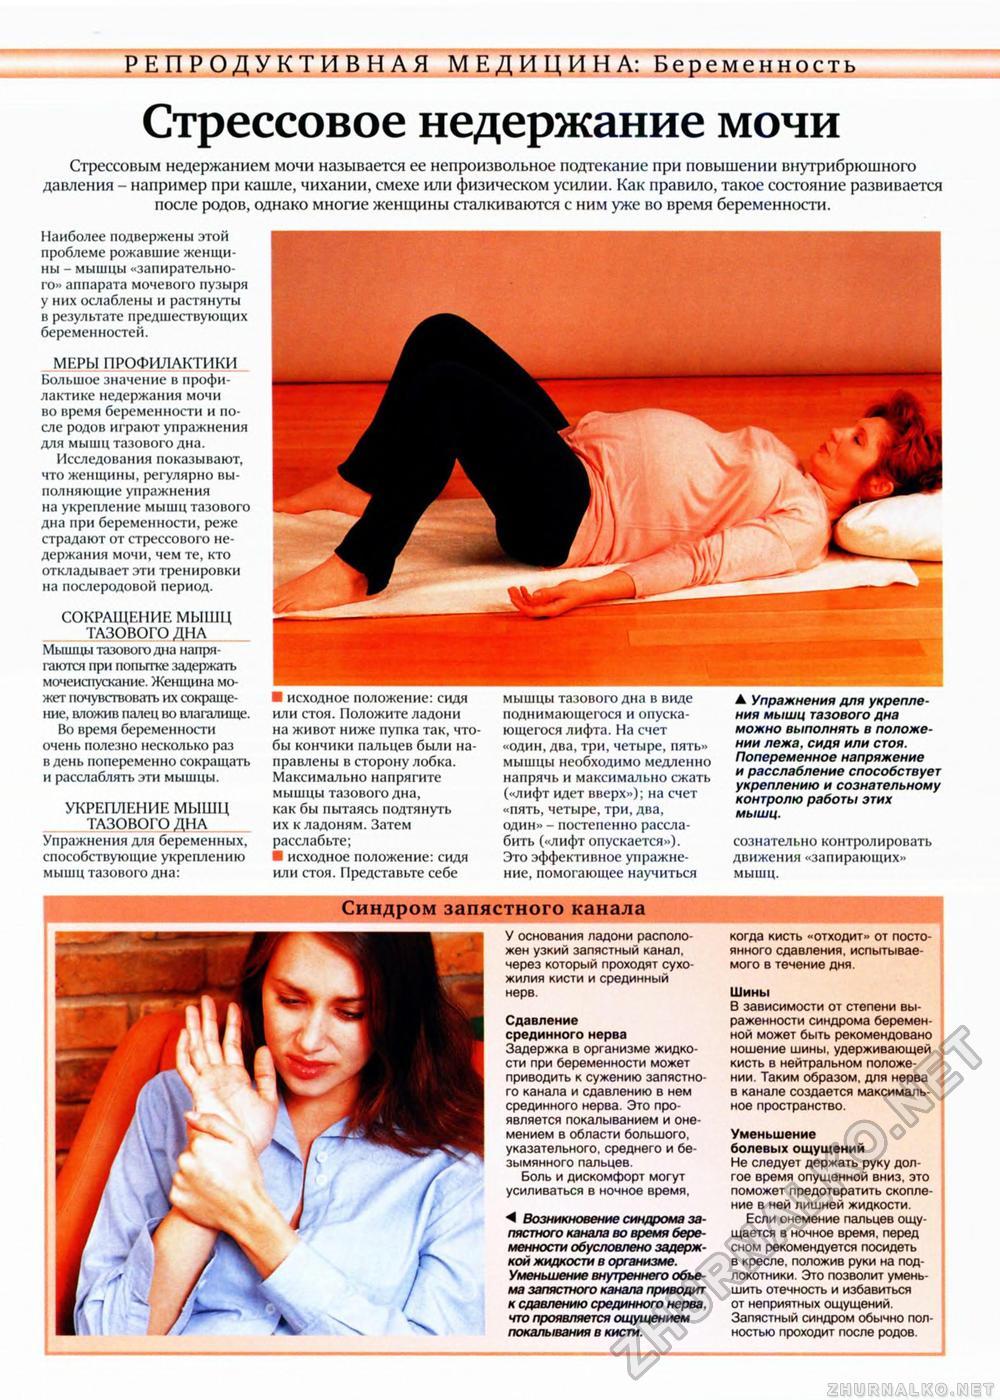 Мочеиспускание при чихании у беременных 51